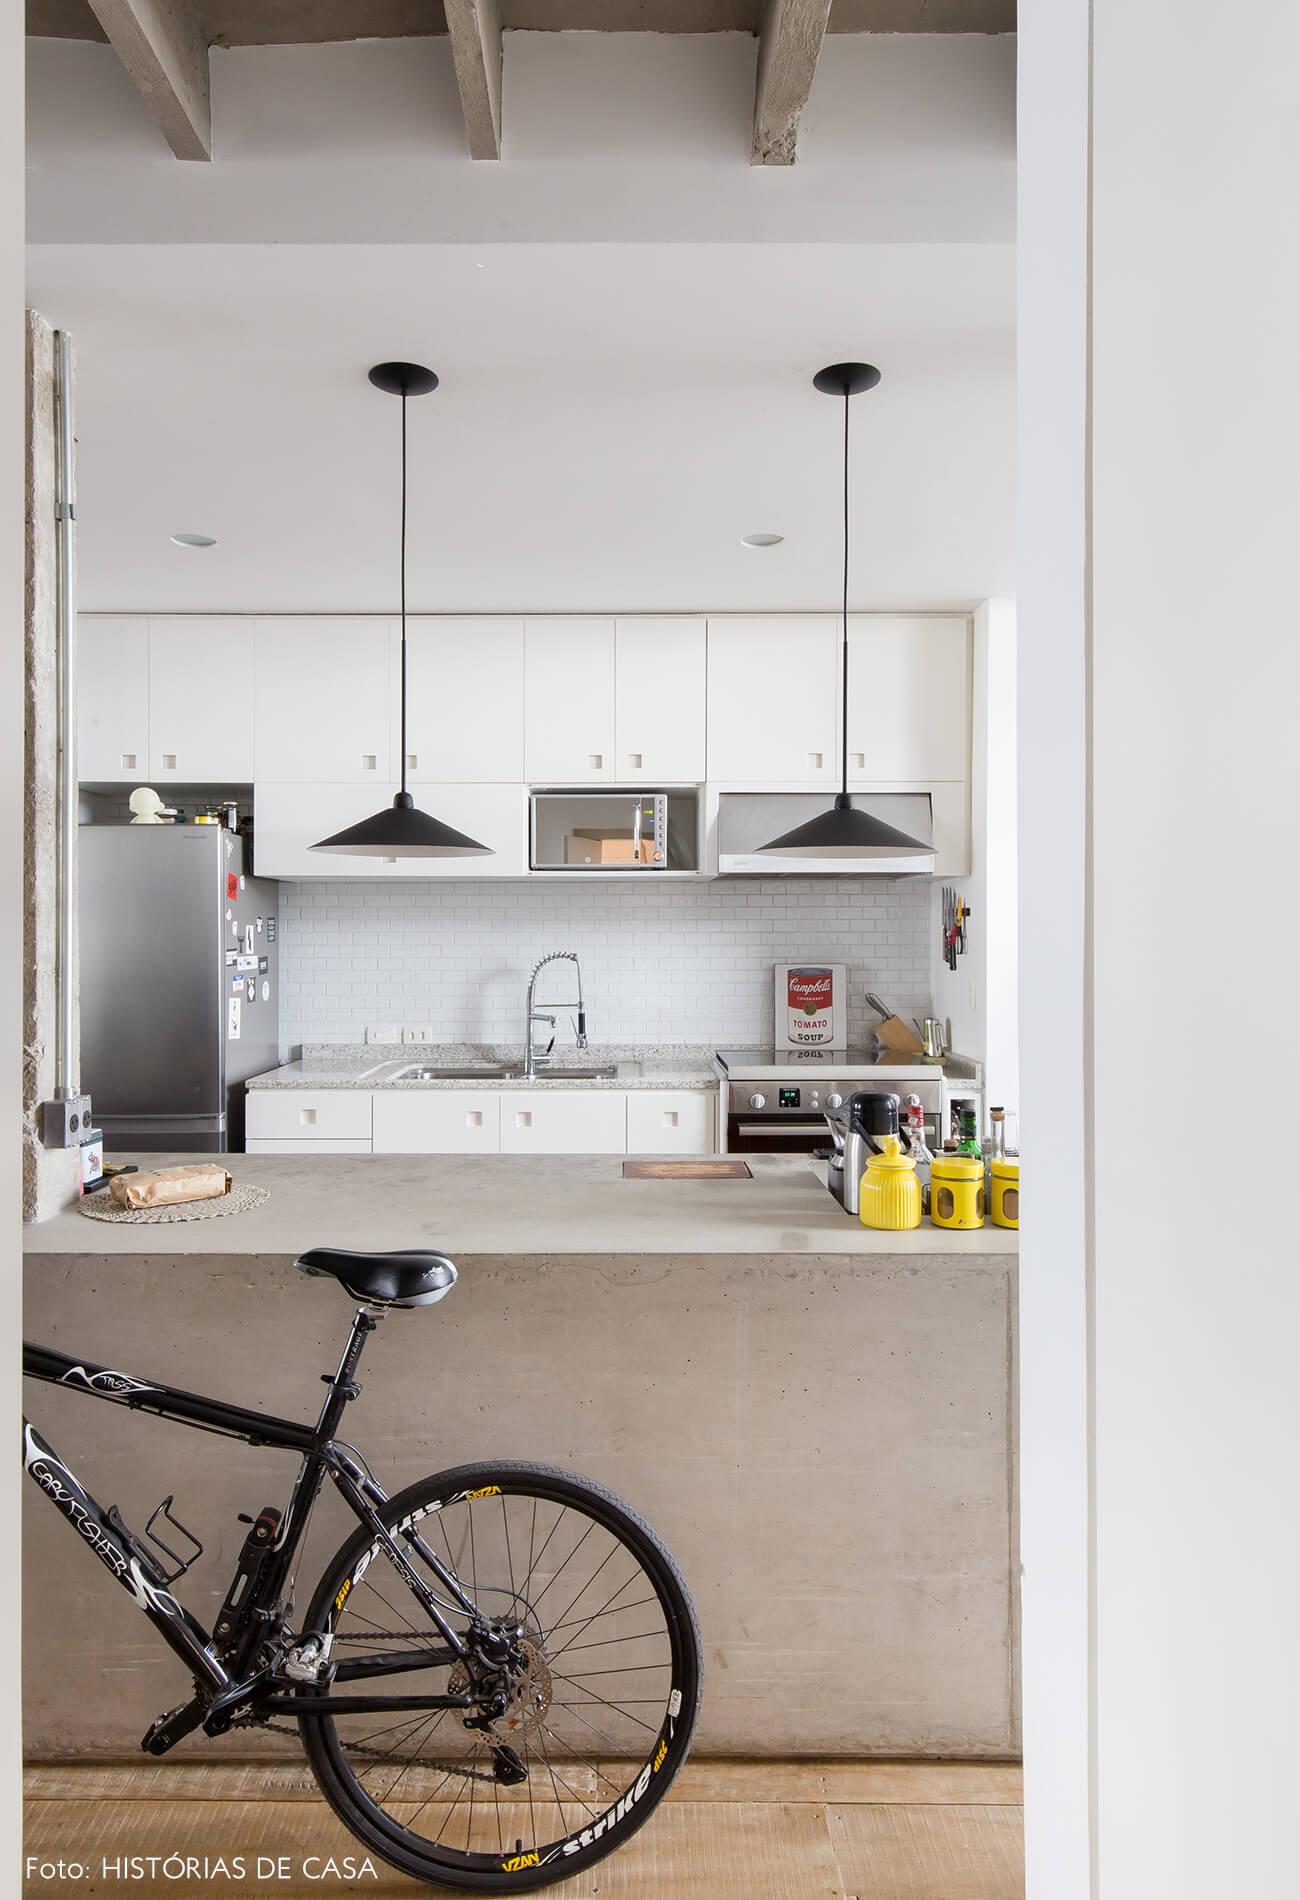 Ap decoração copan cozinha bancada concreto luminárias pretas móveis brancos